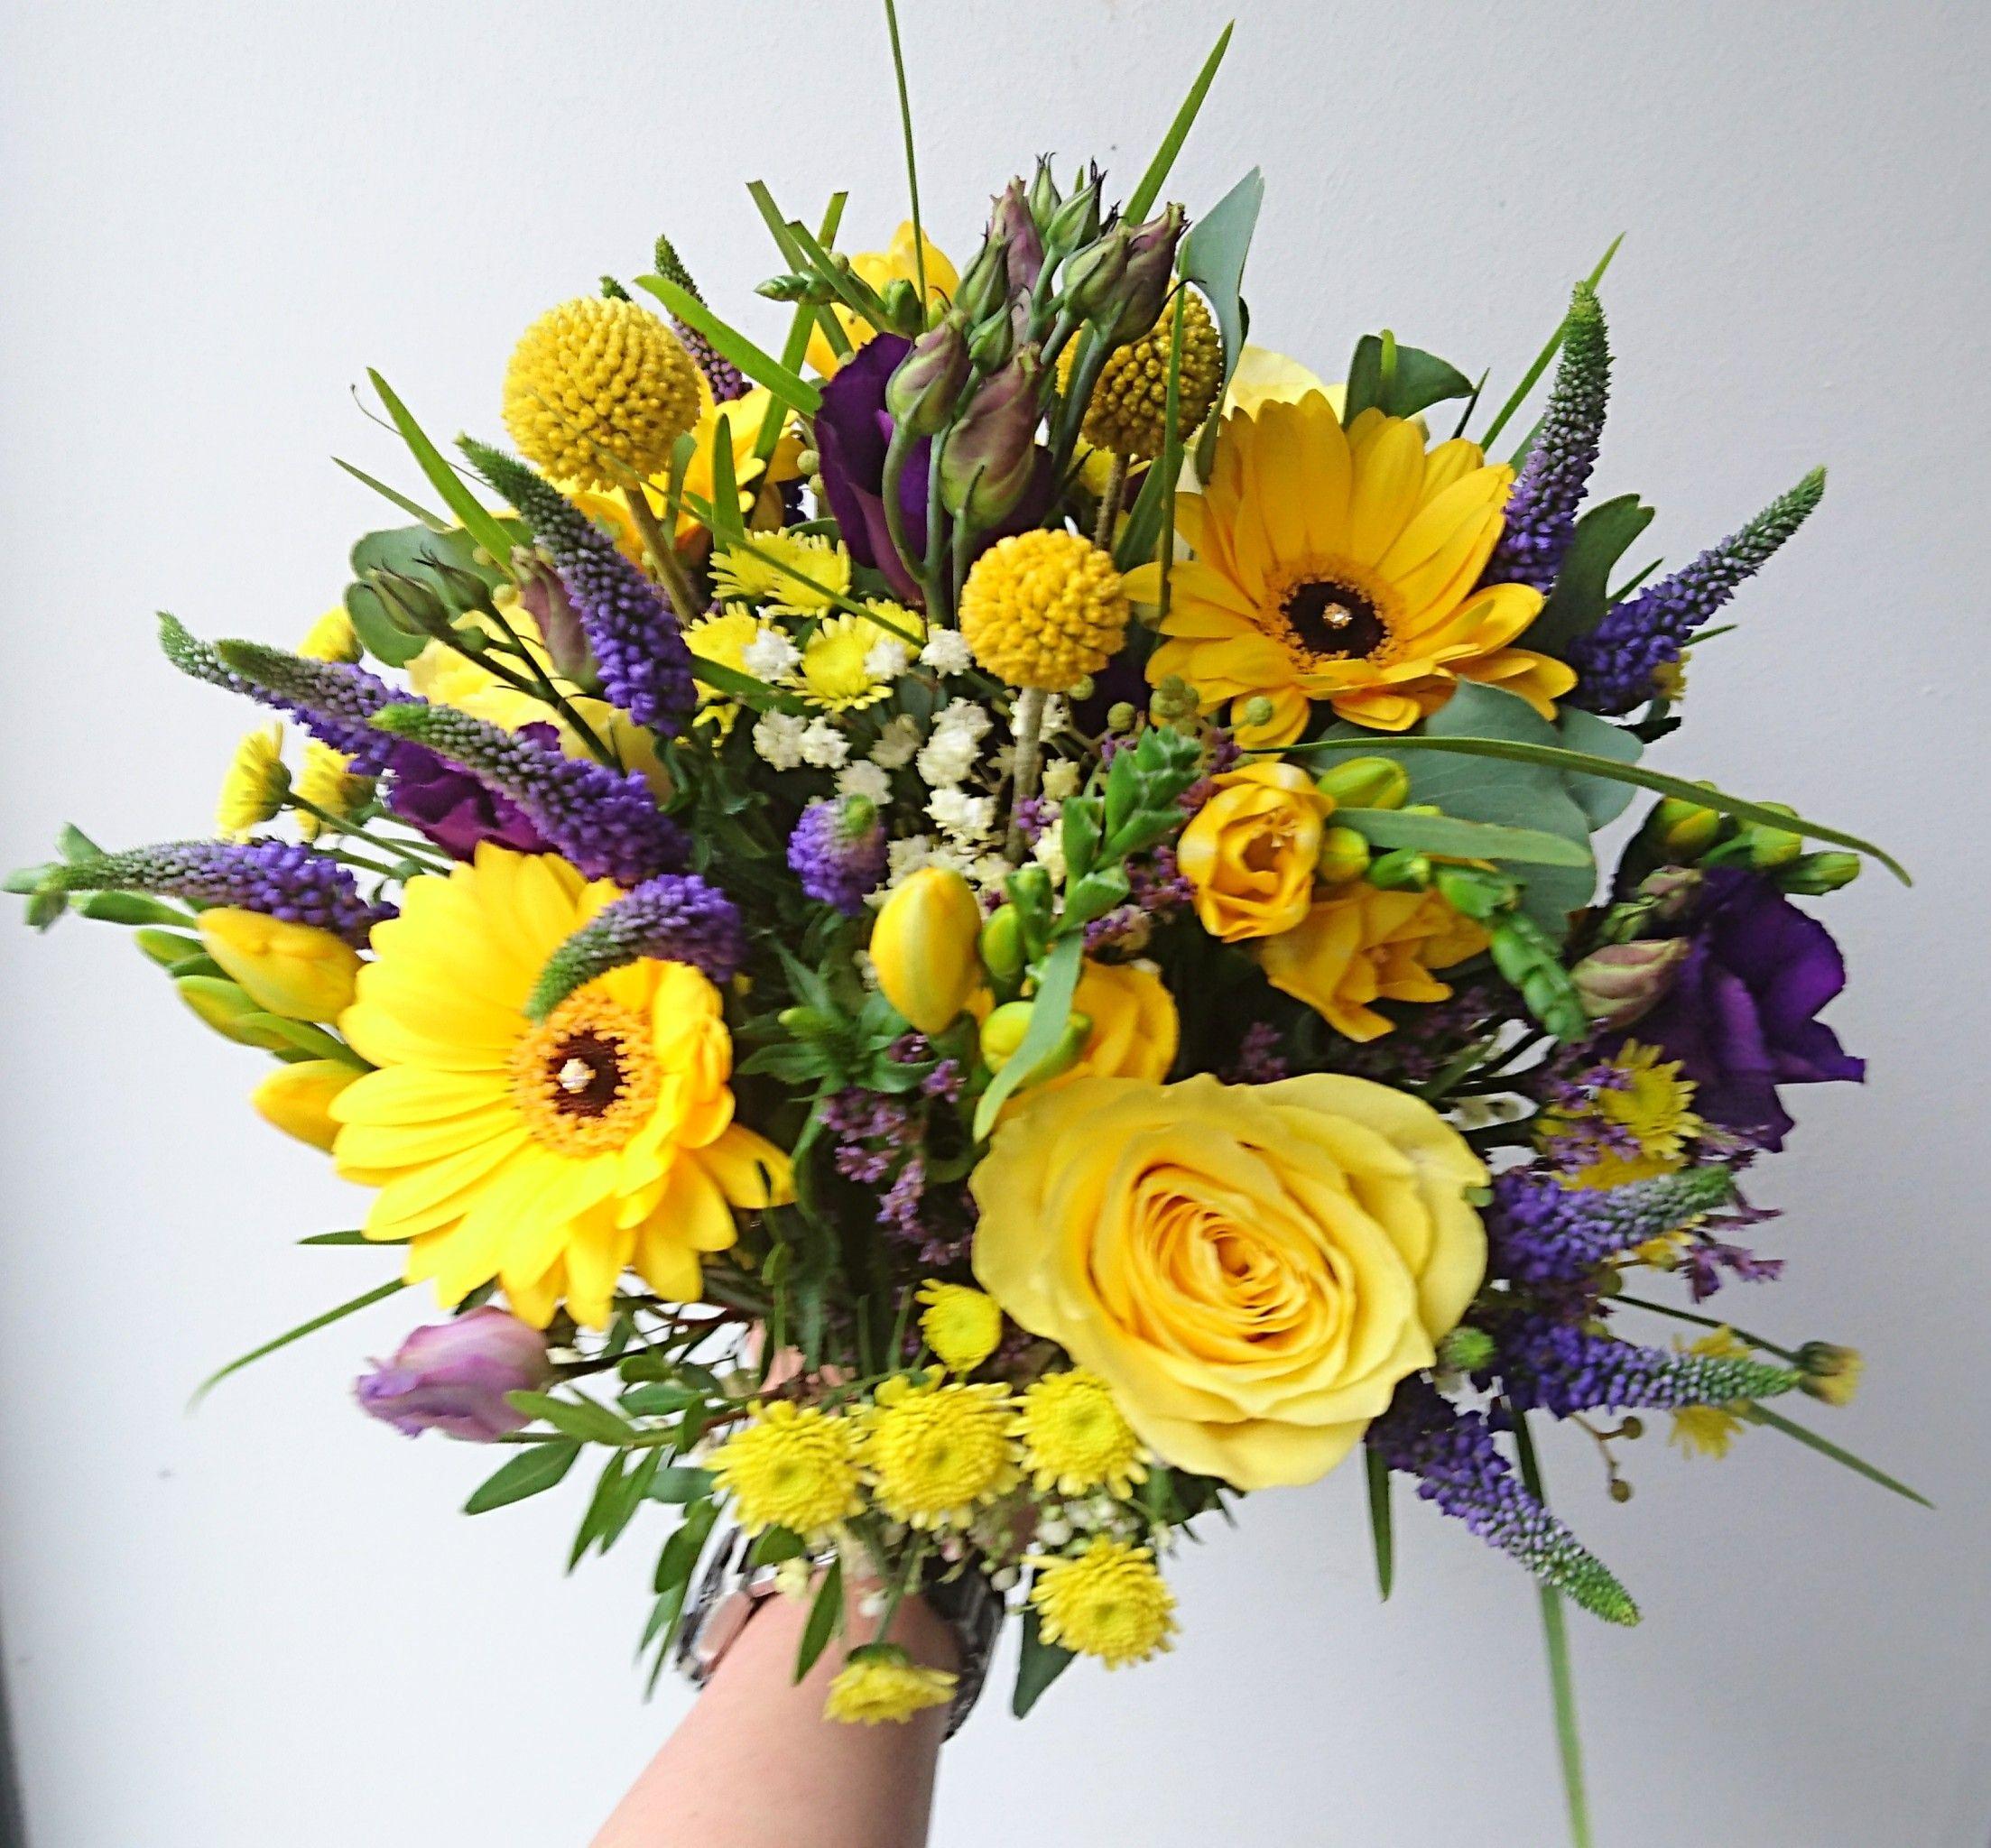 Wedding Flowers Aberdeen: Bridal Flowers, Aberdeen And